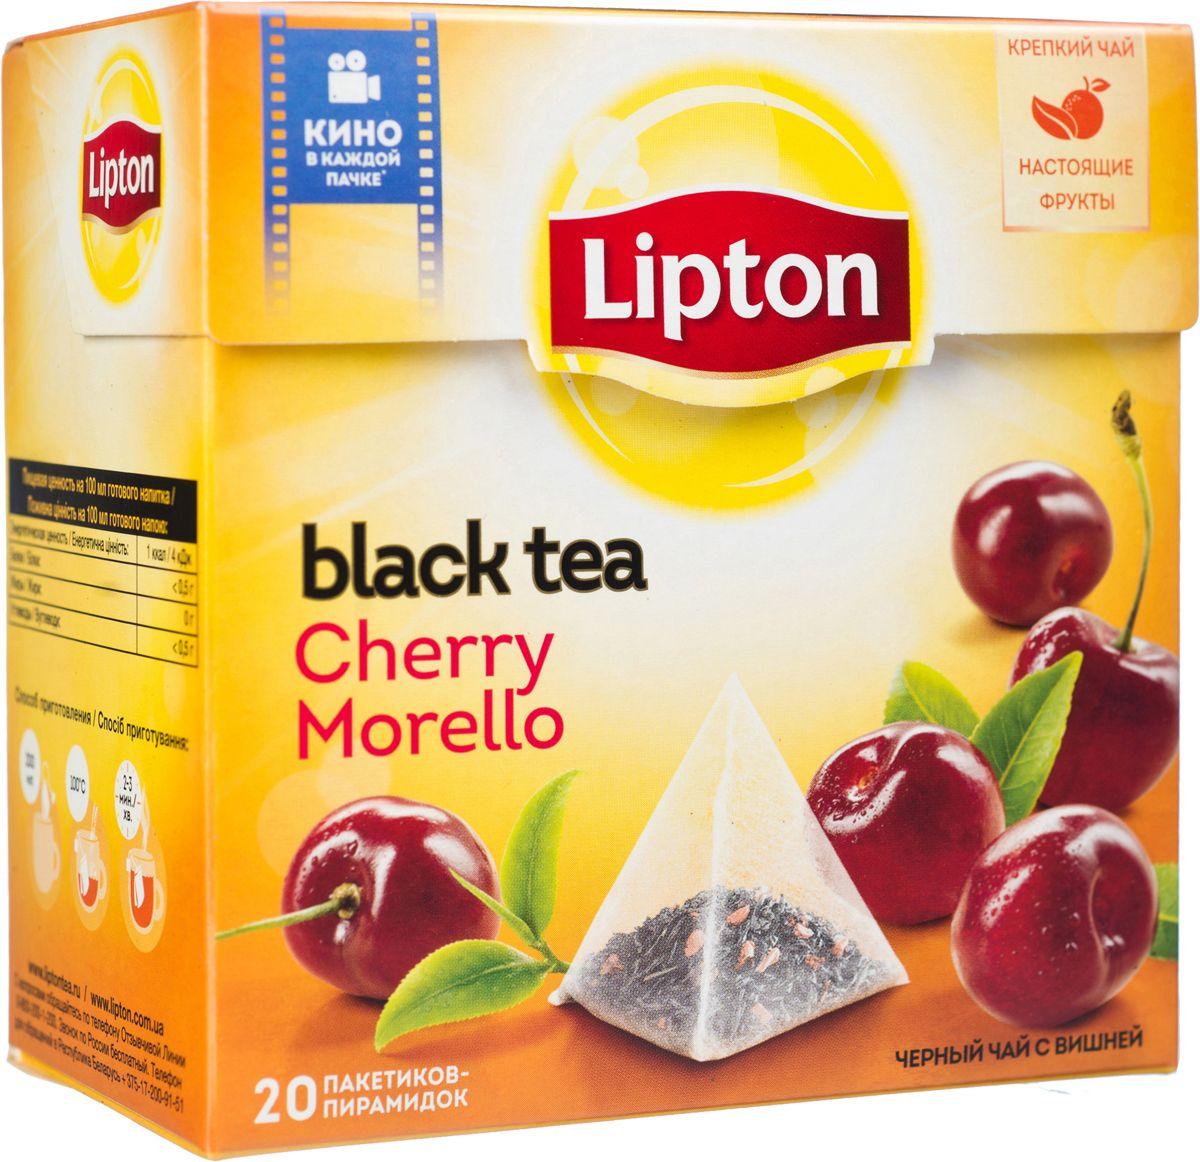 Lipton Черный чай Cherry Morello 20 шт0120710Сочные кусочки спелой вишни вместе с отборными чайными листочками кружатся в веселом танце внутри просторного пакетика-пирамидки чая Lipton Cherry Morello, полностью раскрывая свой насыщенный ягодный вкус и манящий сладкий аромат. Настоящая вкусная радость в каждом глотке!